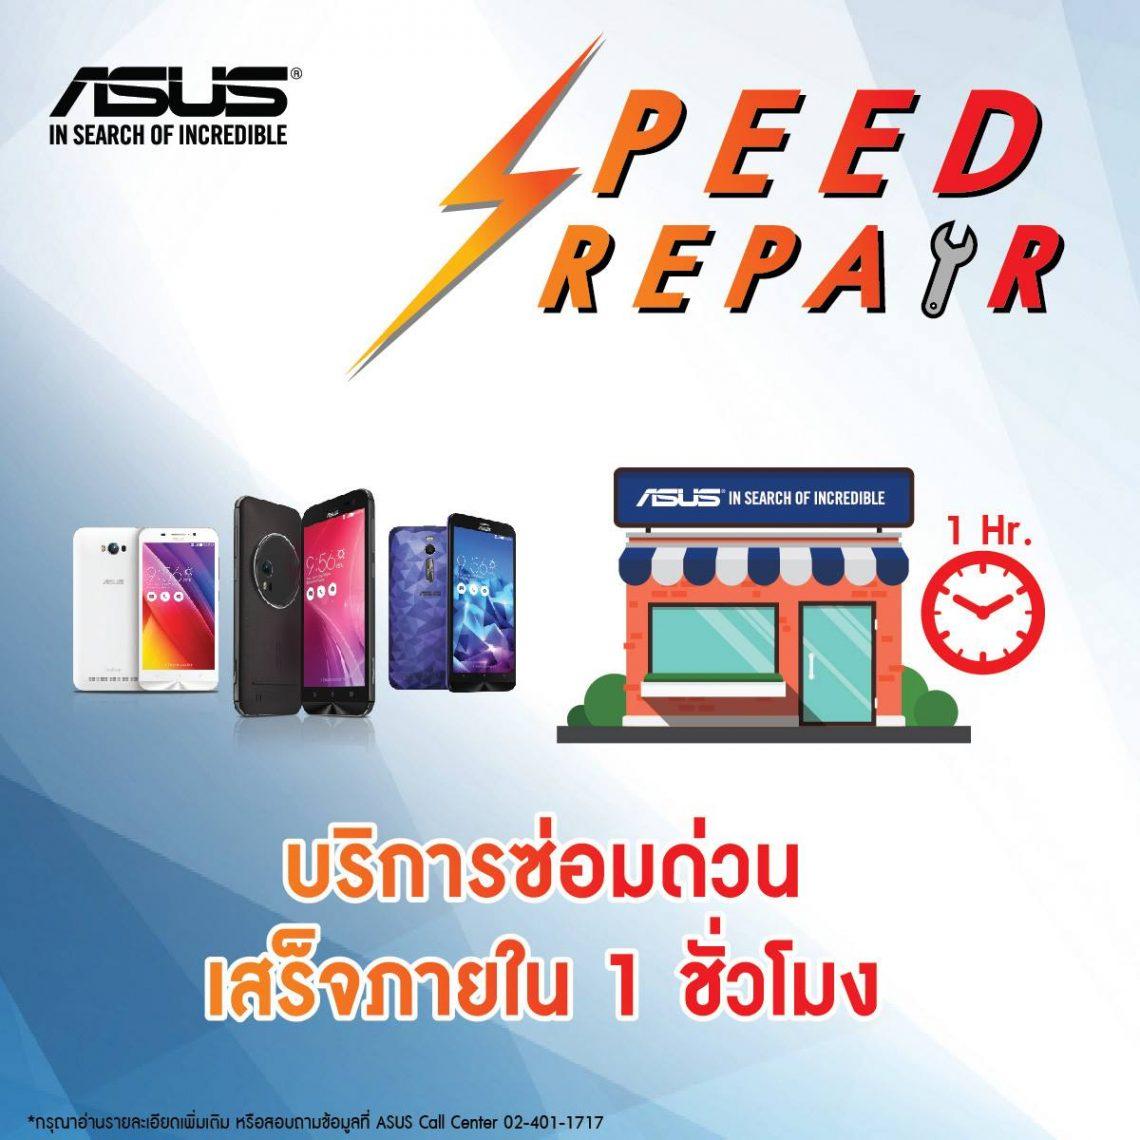 เจ๋งมาก ASUS เปิดบริการ SPEED REPAIR ซ่อมเครื่อง ASUS Zenfone 2 เสร็จภายใน 1 ชั่วโมง!!